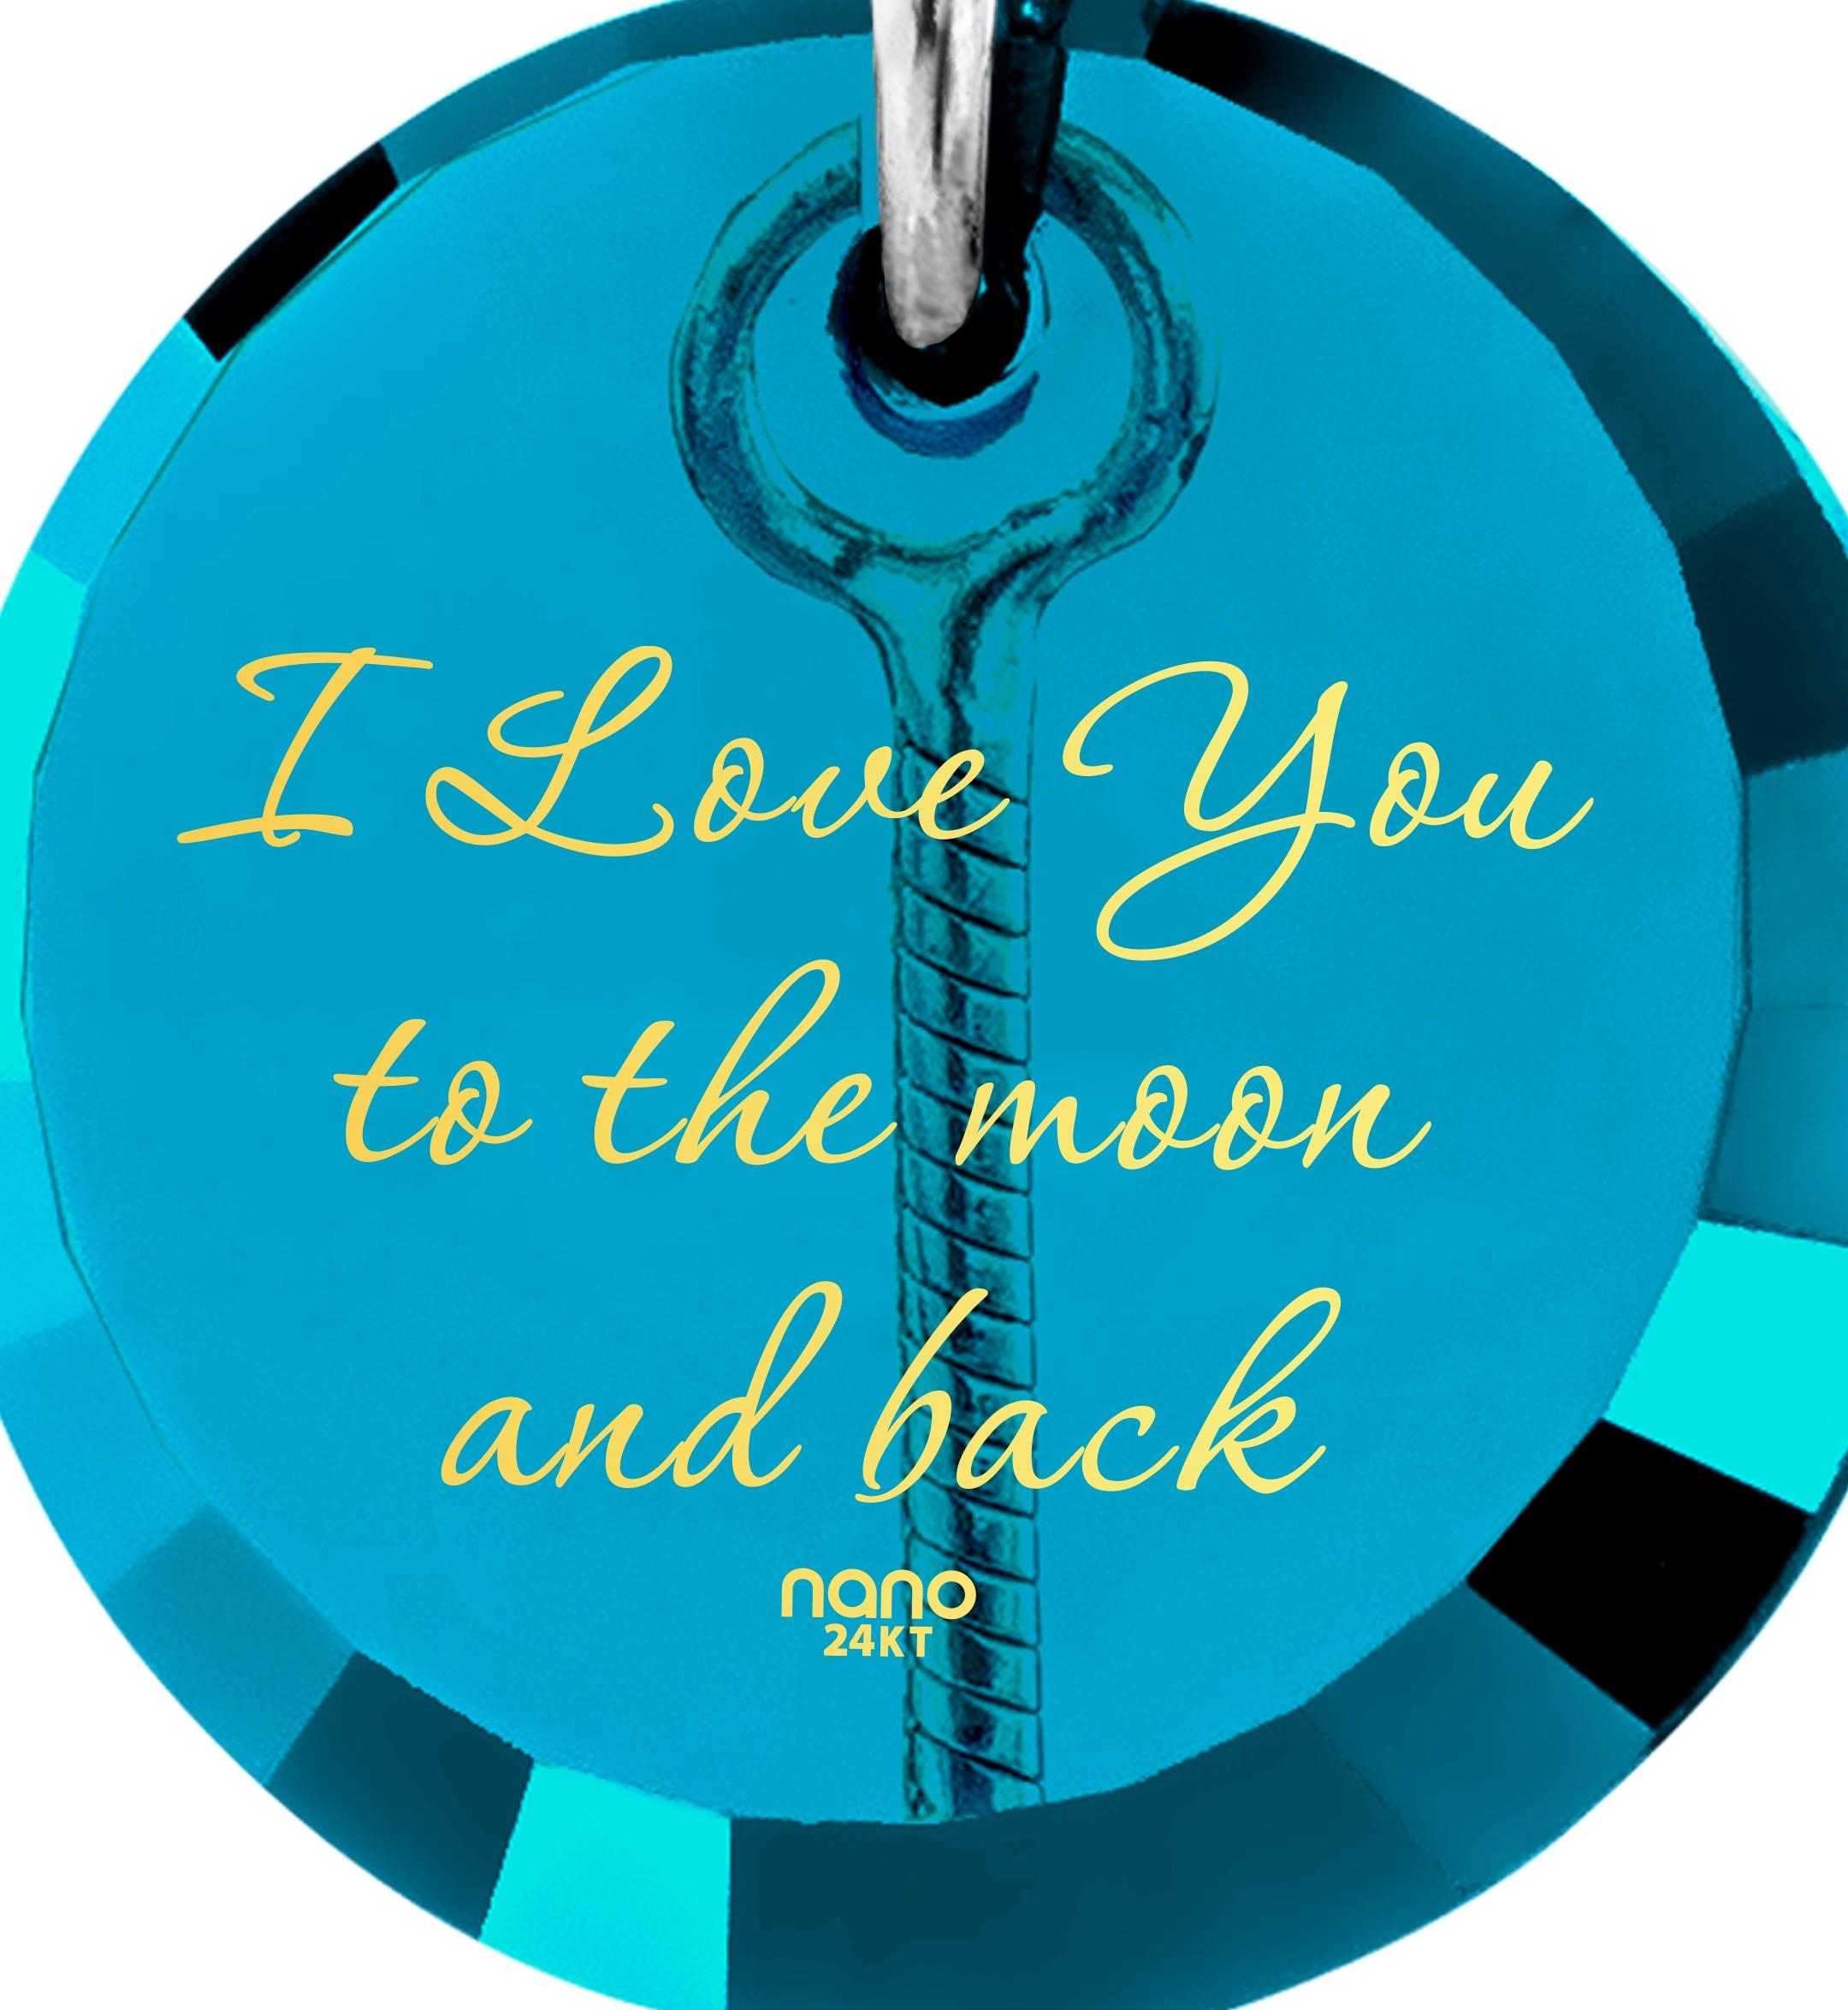 מתנות מיוחדות לאישה: תכשיט מגניב I Love You to the Moon and Back - תכשיטי ננומתנות מיוחדות לאישה: תכשיט מגניב I Love You to the Moon and Back - תכשיטי ננו